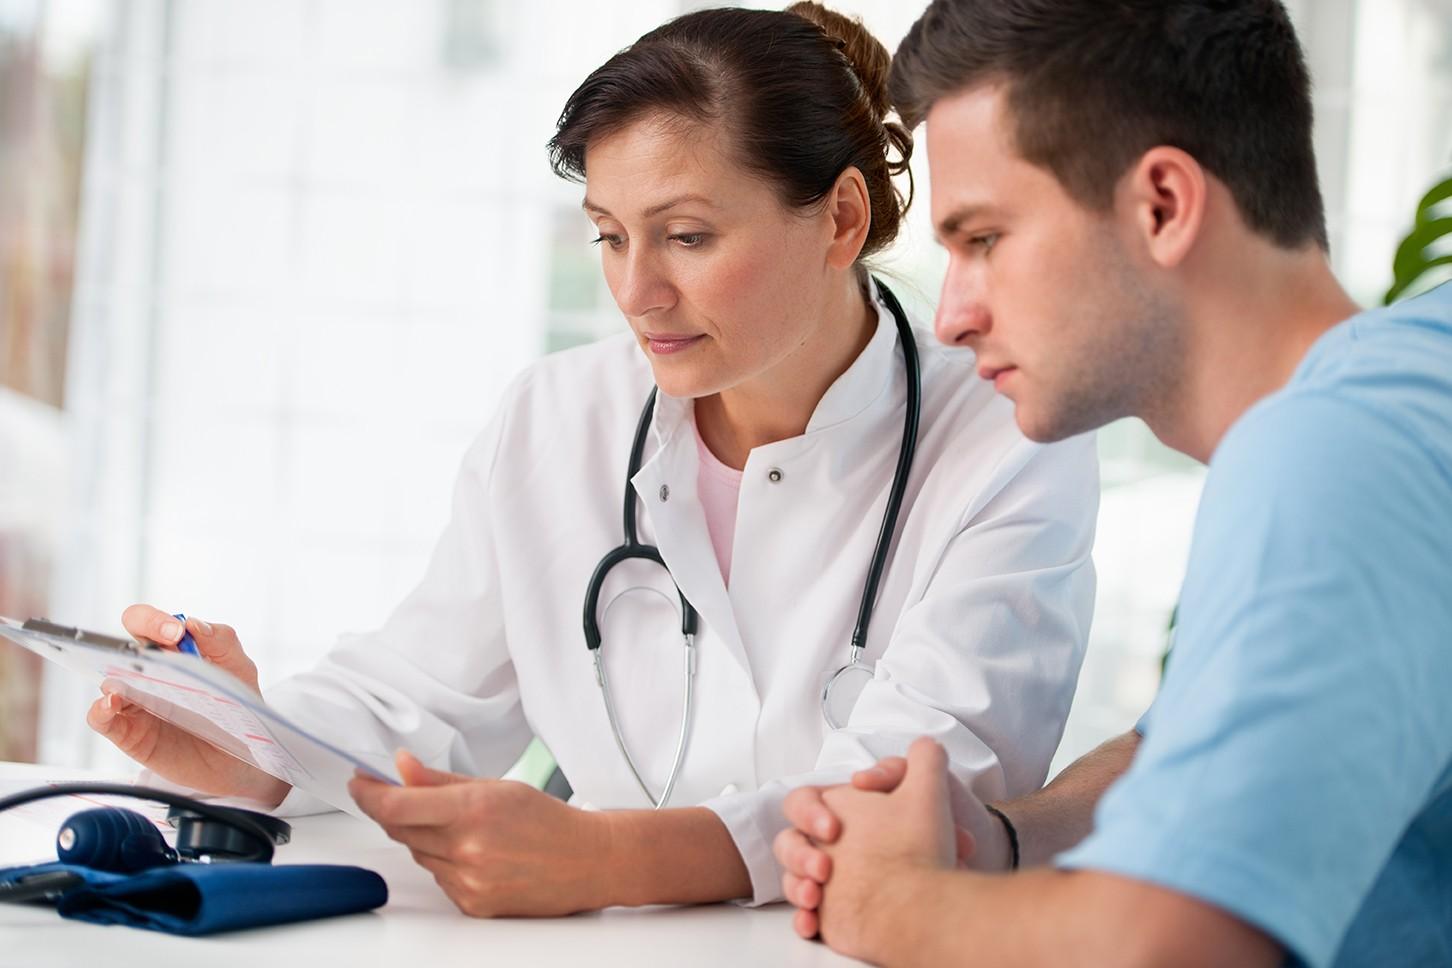 Đau tức tinh hoàn cần được khám và điều trị sớm để tránh những biến chứng xấu cho sức khỏe.